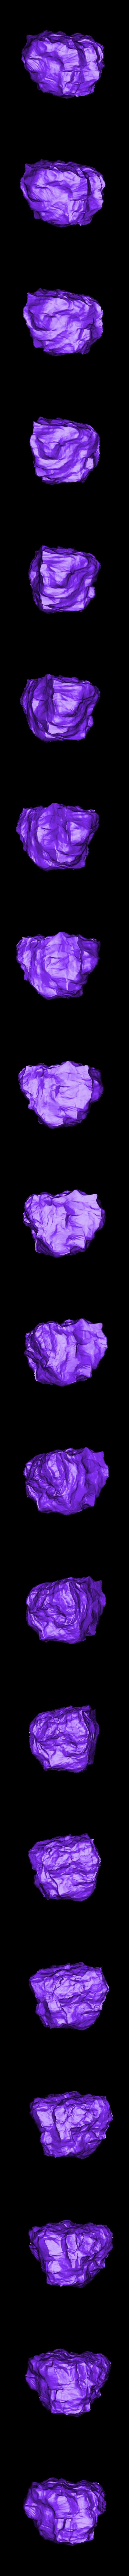 rock_SubTool8.stl Télécharger fichier STL gratuit Roches pour le wargame (collection de 18 roches haute résolution) • Design pour impression 3D, BREXIT